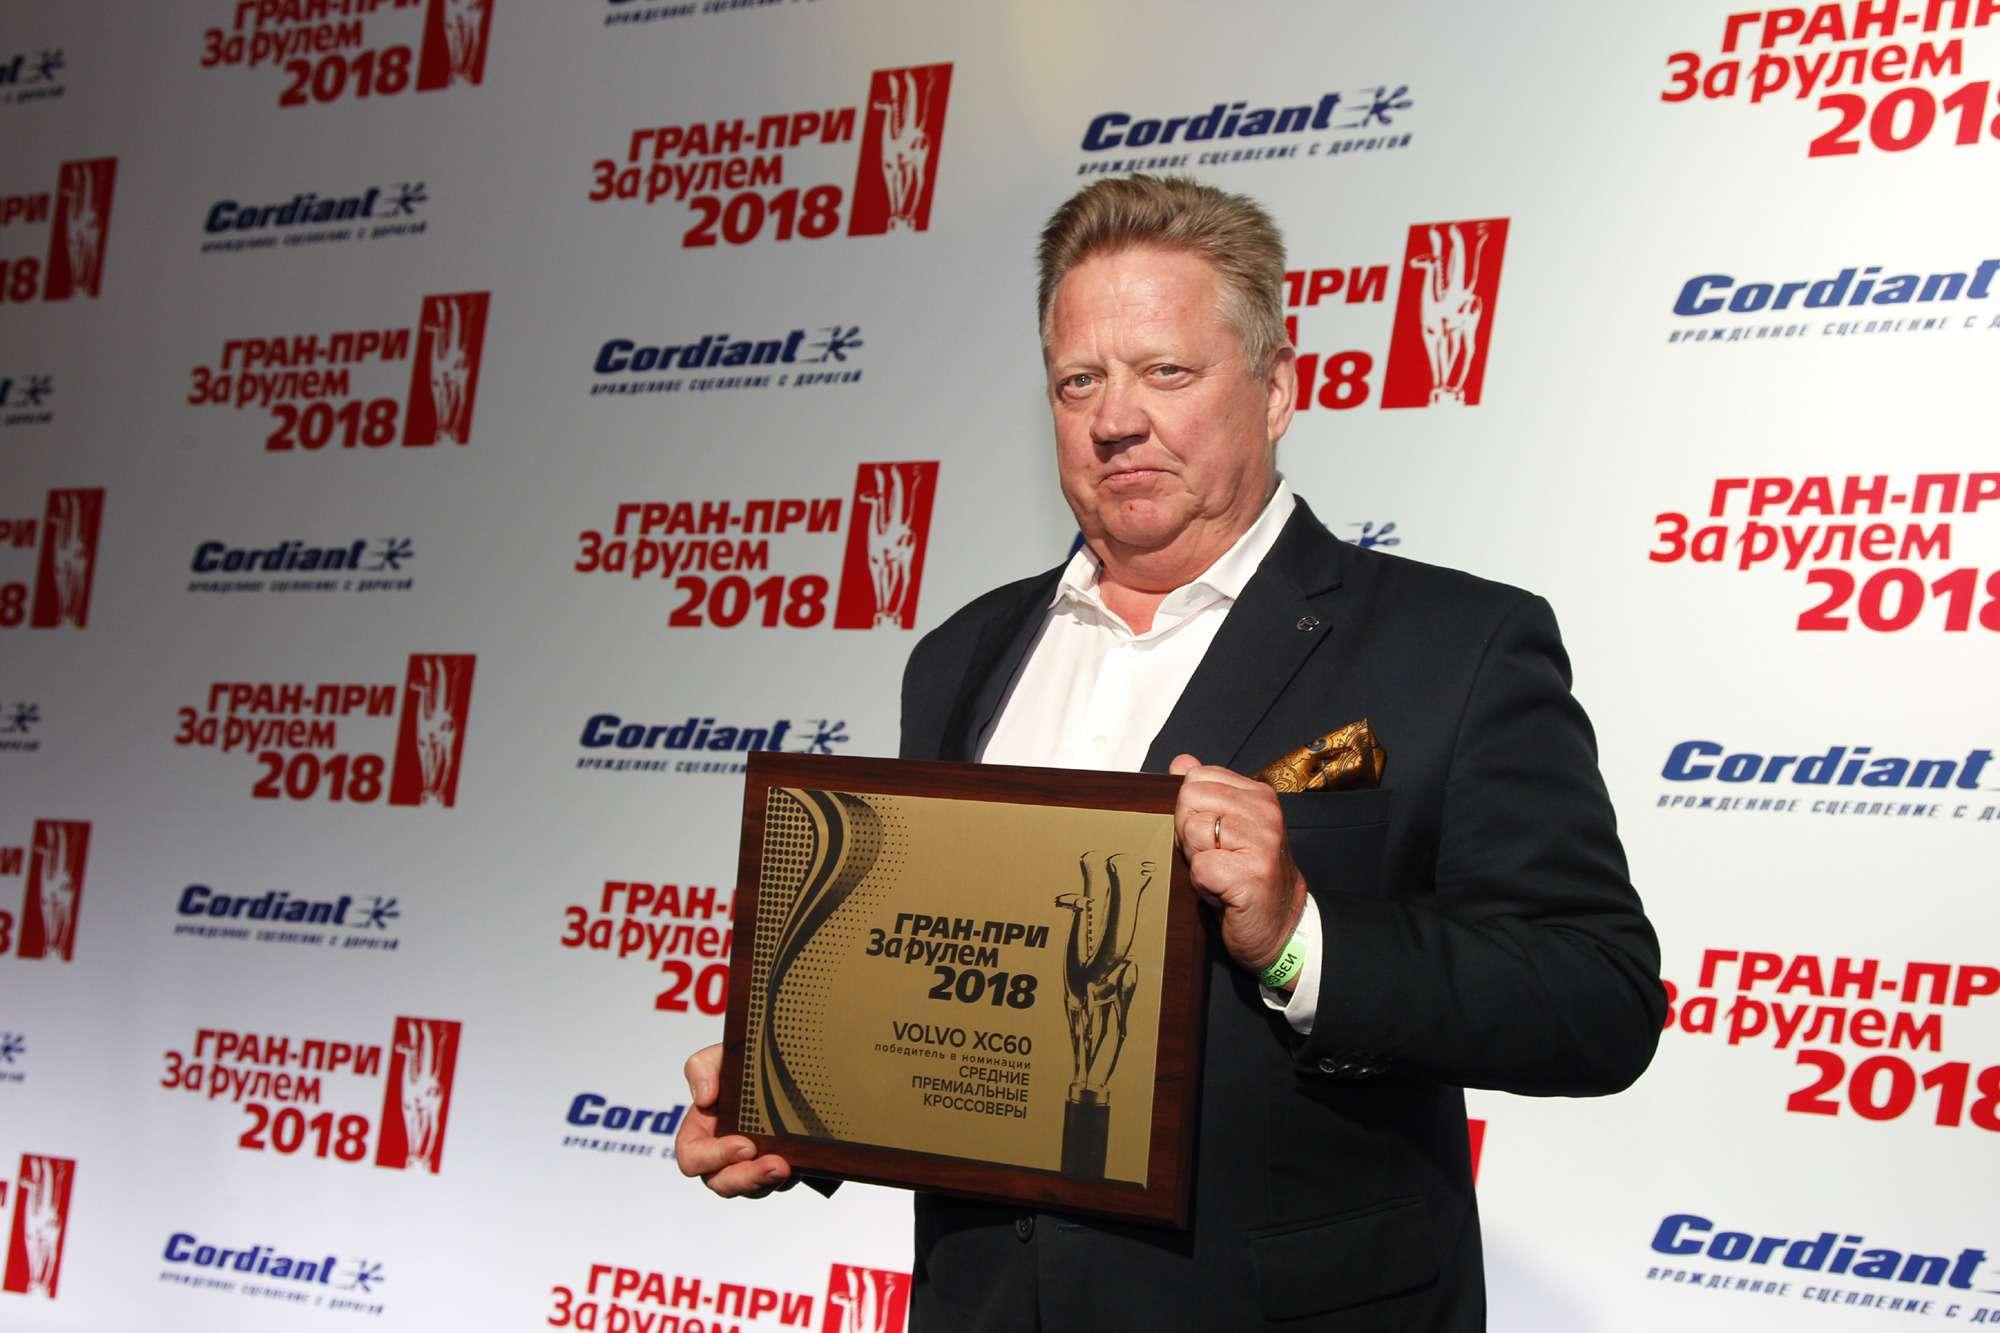 Гран-при «Зарулем»: названы лучшие автоновинки икомпании 2017 года— фото 856040